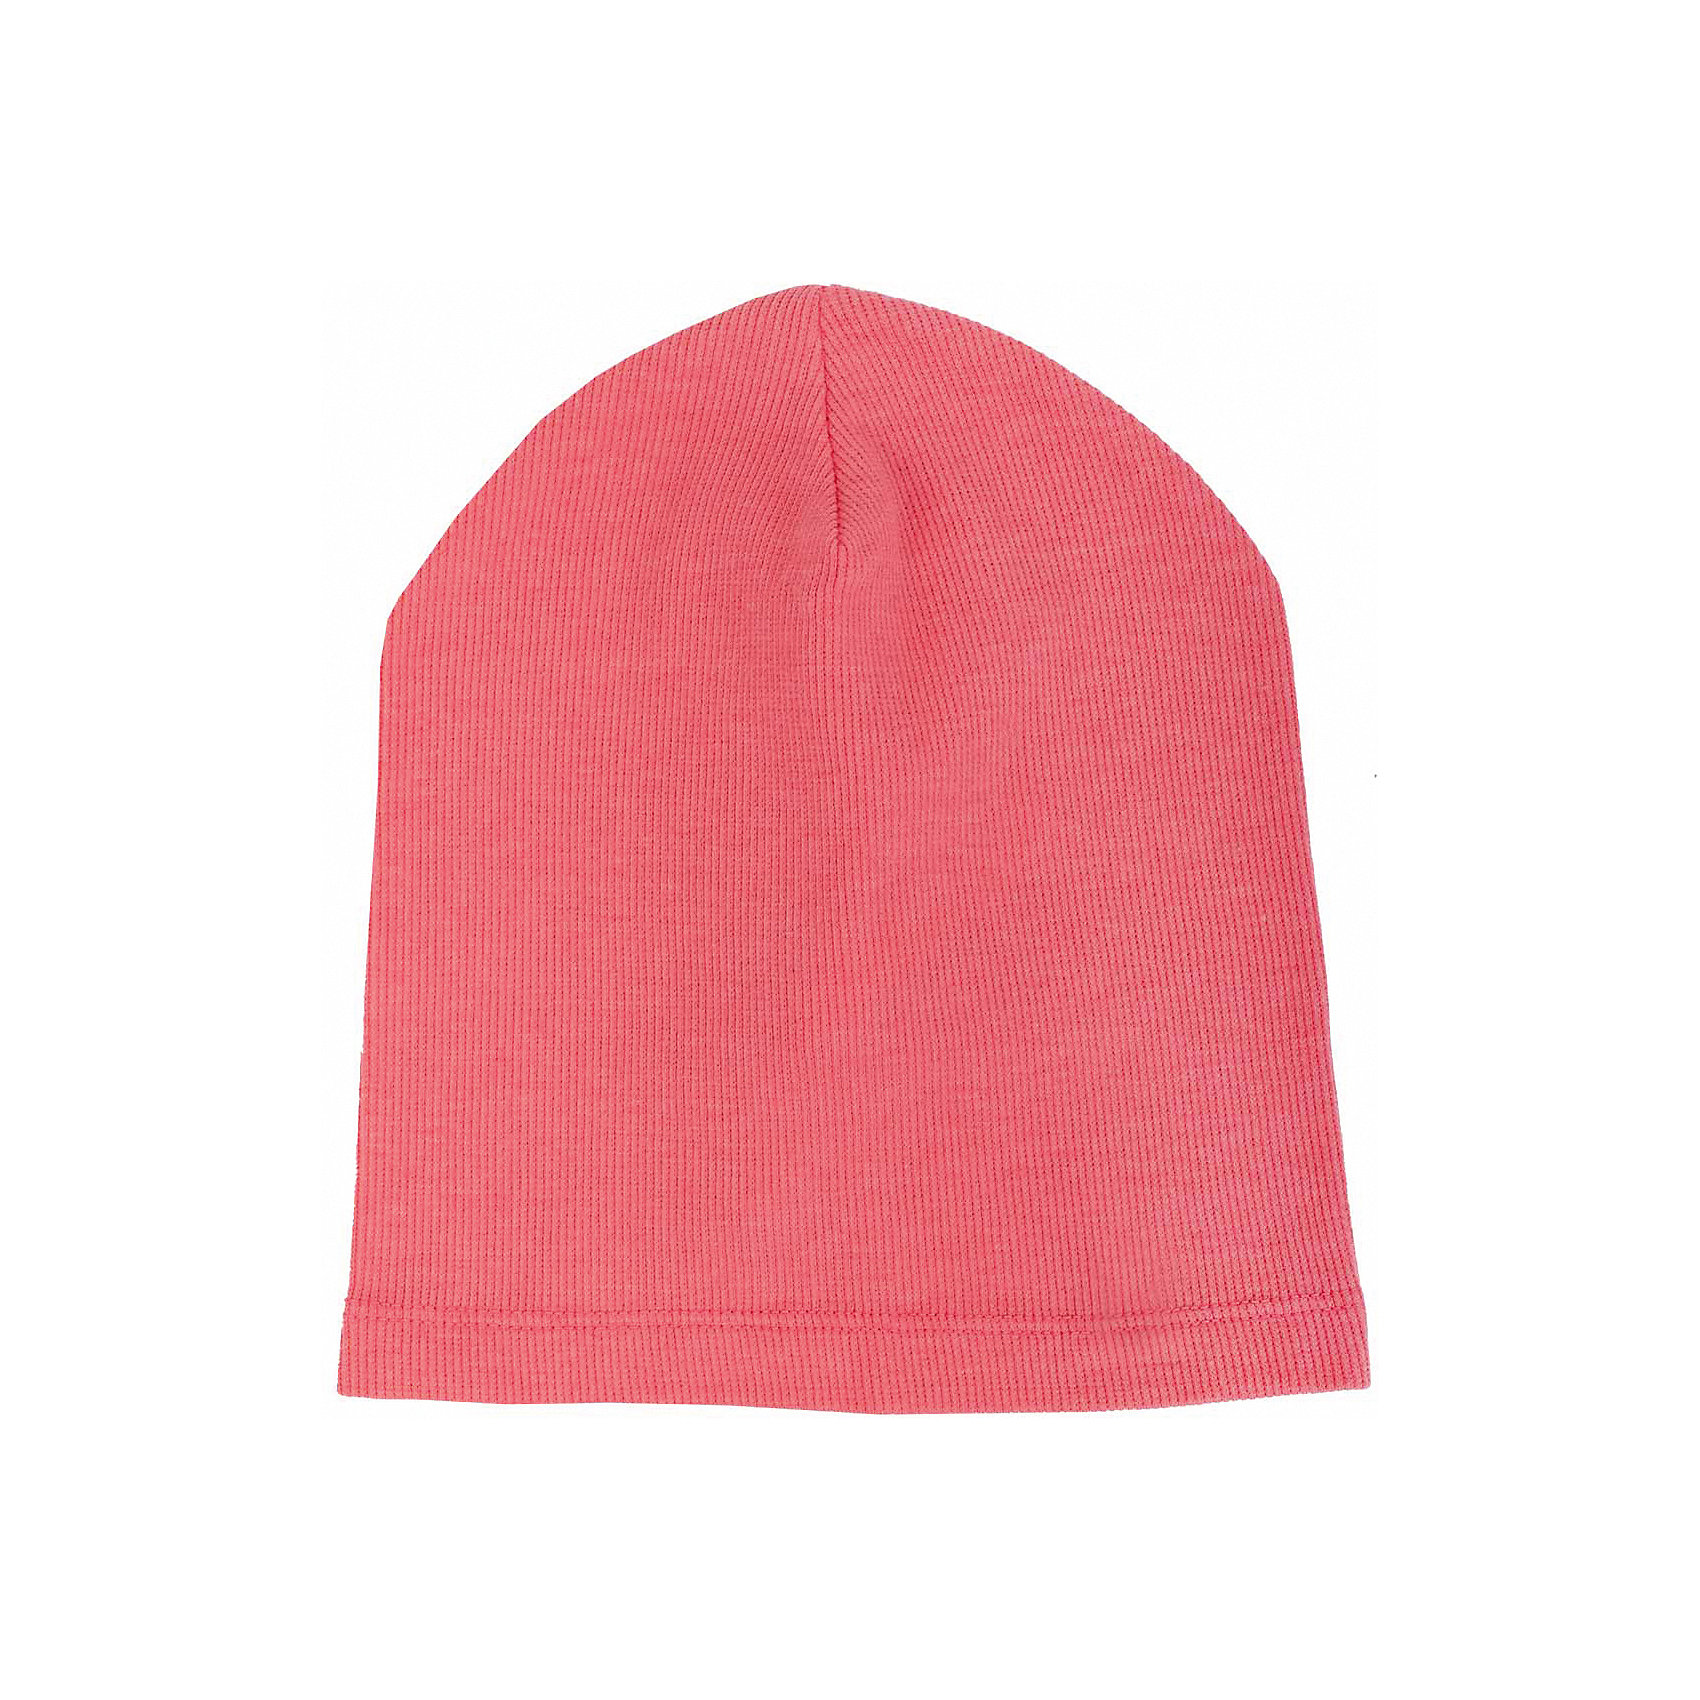 Шапка для девочки  BUTTON BLUEГоловные уборы<br>Шапка для девочки  BUTTON BLUE<br>Вязаные шапки - важный атрибут повседневного гардероба! Они отлично согревают, а также украшают и завершают весенний комплект. У них один недостаток: они часто теряются. Шапки забывают в парке или в школе, поэтому их в гардеробе должно быть много, а значит, шапки надо покупать по доступной цене. Купить недорого шапку для девочки от Button Blue, значит, позаботиться о здоровье, красоте и комфорте ребенка.<br>Состав:<br>71% хлопок 25%полиэстер 4%эластан<br><br>Ширина мм: 89<br>Глубина мм: 117<br>Высота мм: 44<br>Вес г: 155<br>Цвет: коралловый<br>Возраст от месяцев: 96<br>Возраст до месяцев: 108<br>Пол: Женский<br>Возраст: Детский<br>Размер: 56,50,52,54<br>SKU: 5523780